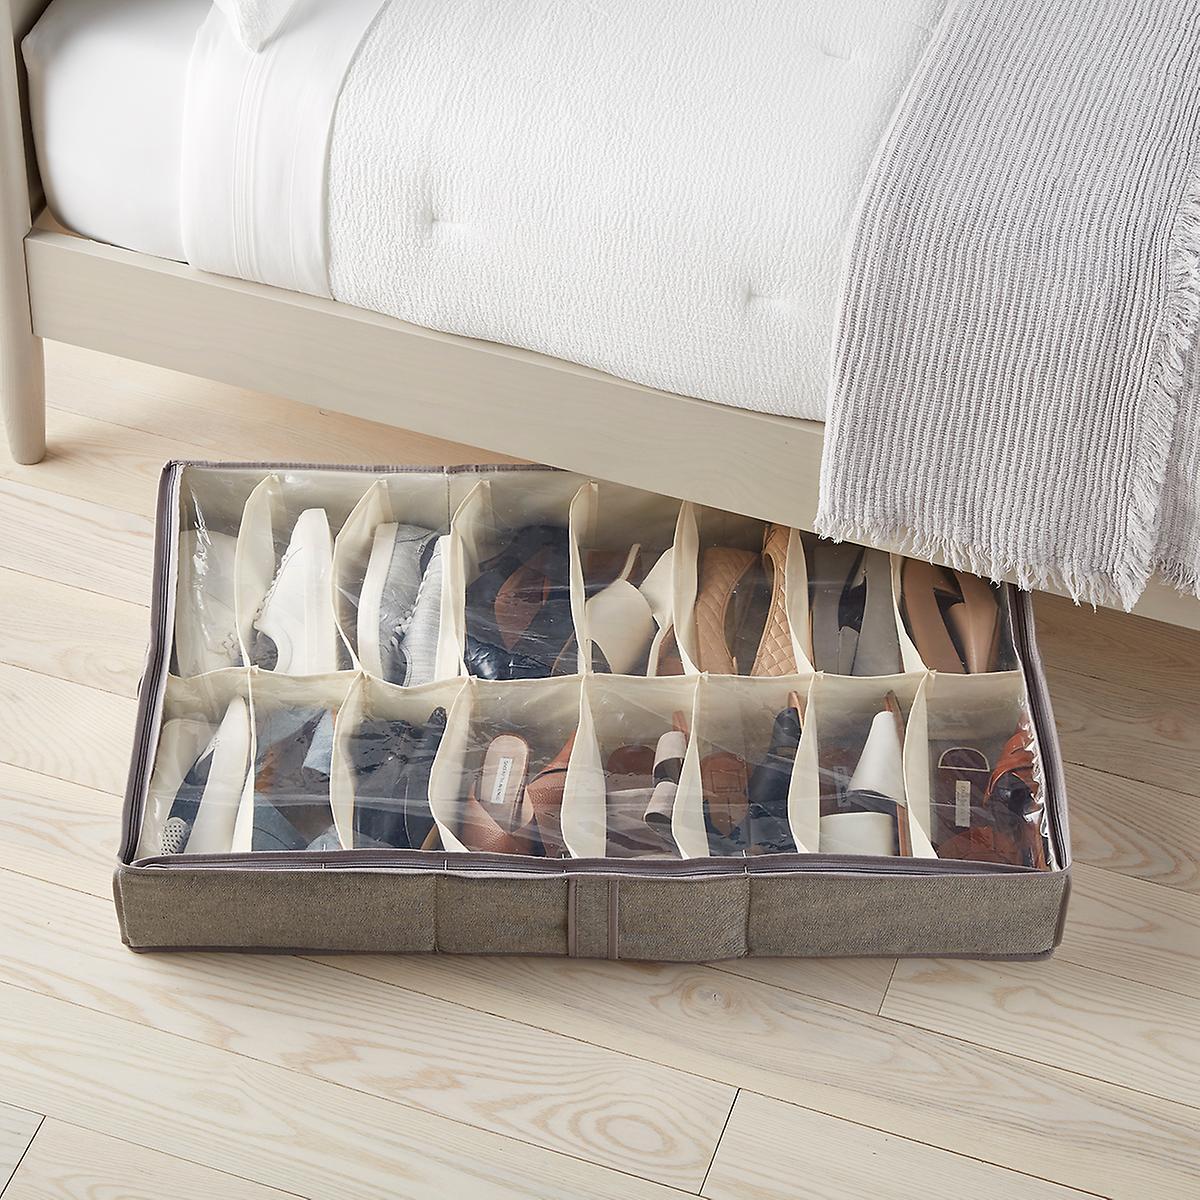 Under Bed Shoe Storage Tweed 16 Pair